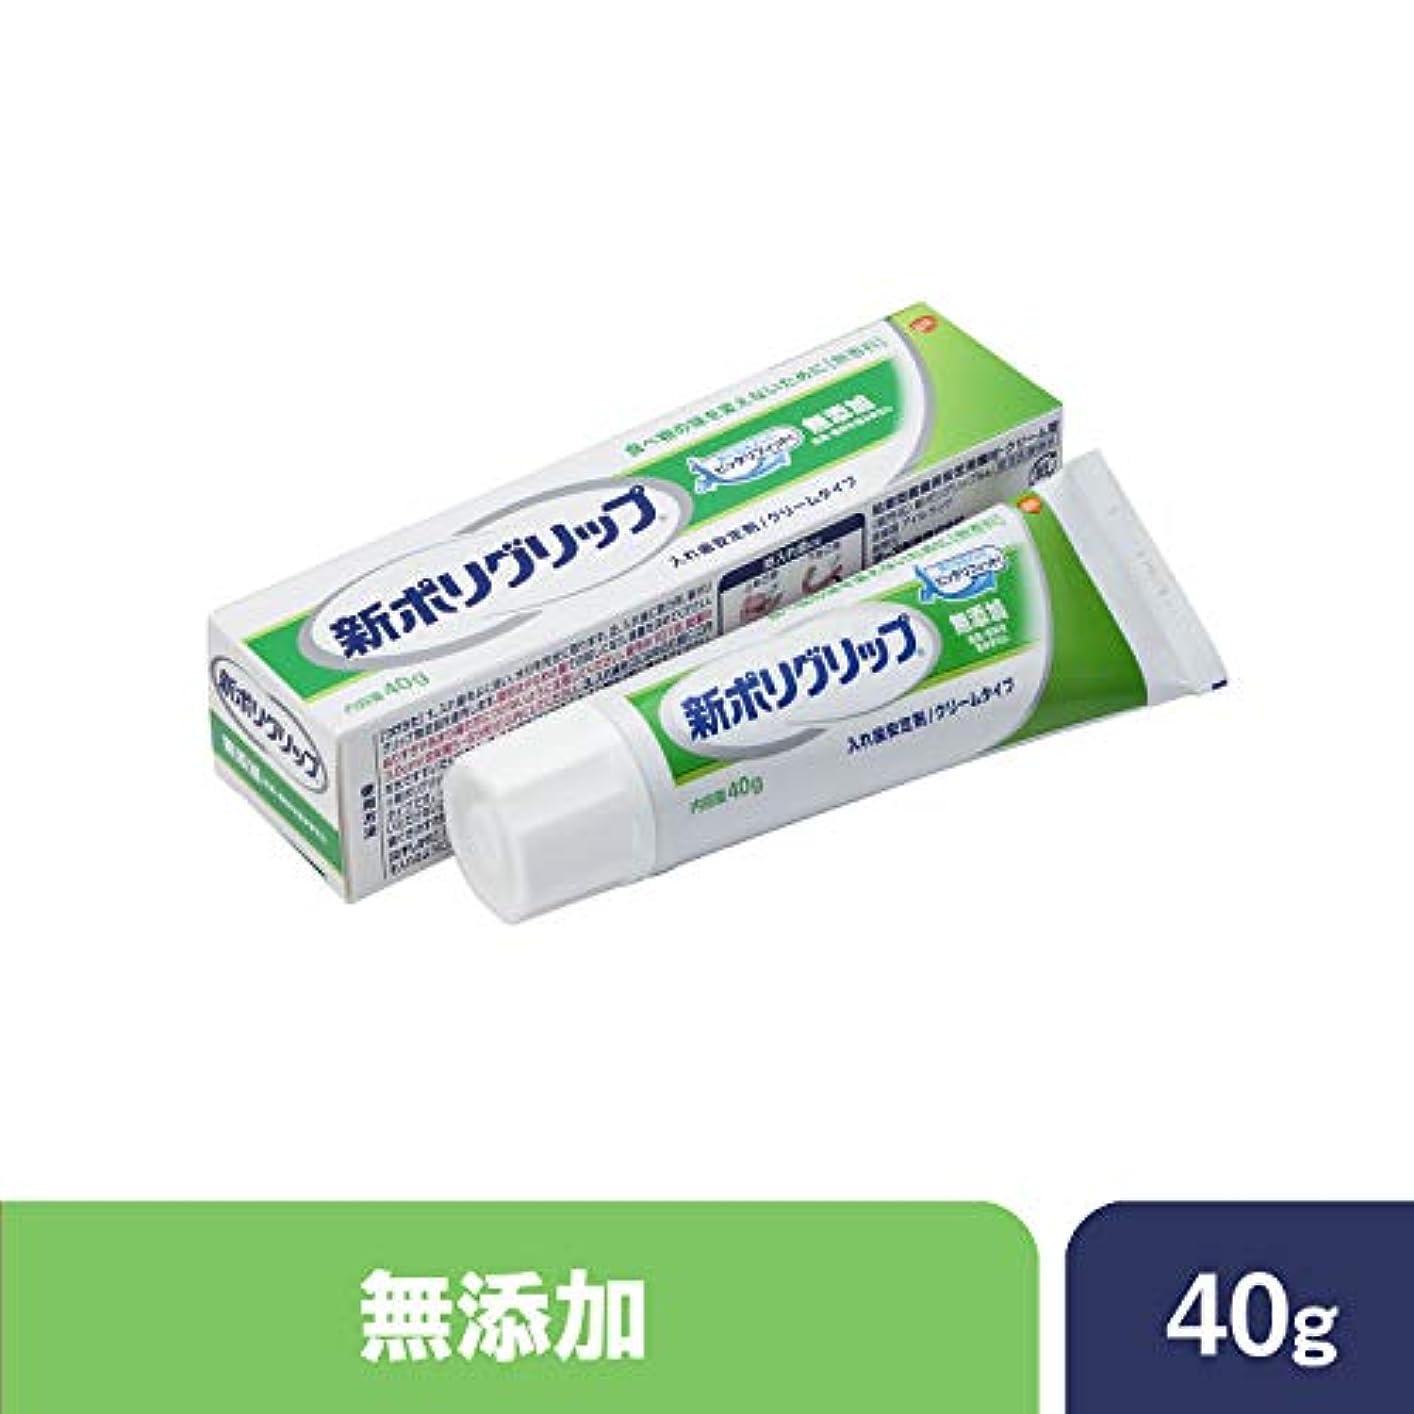 男性予見する同一性部分?総入れ歯安定剤 新ポリグリップ 無添加(色素?香料を含みません) 40g